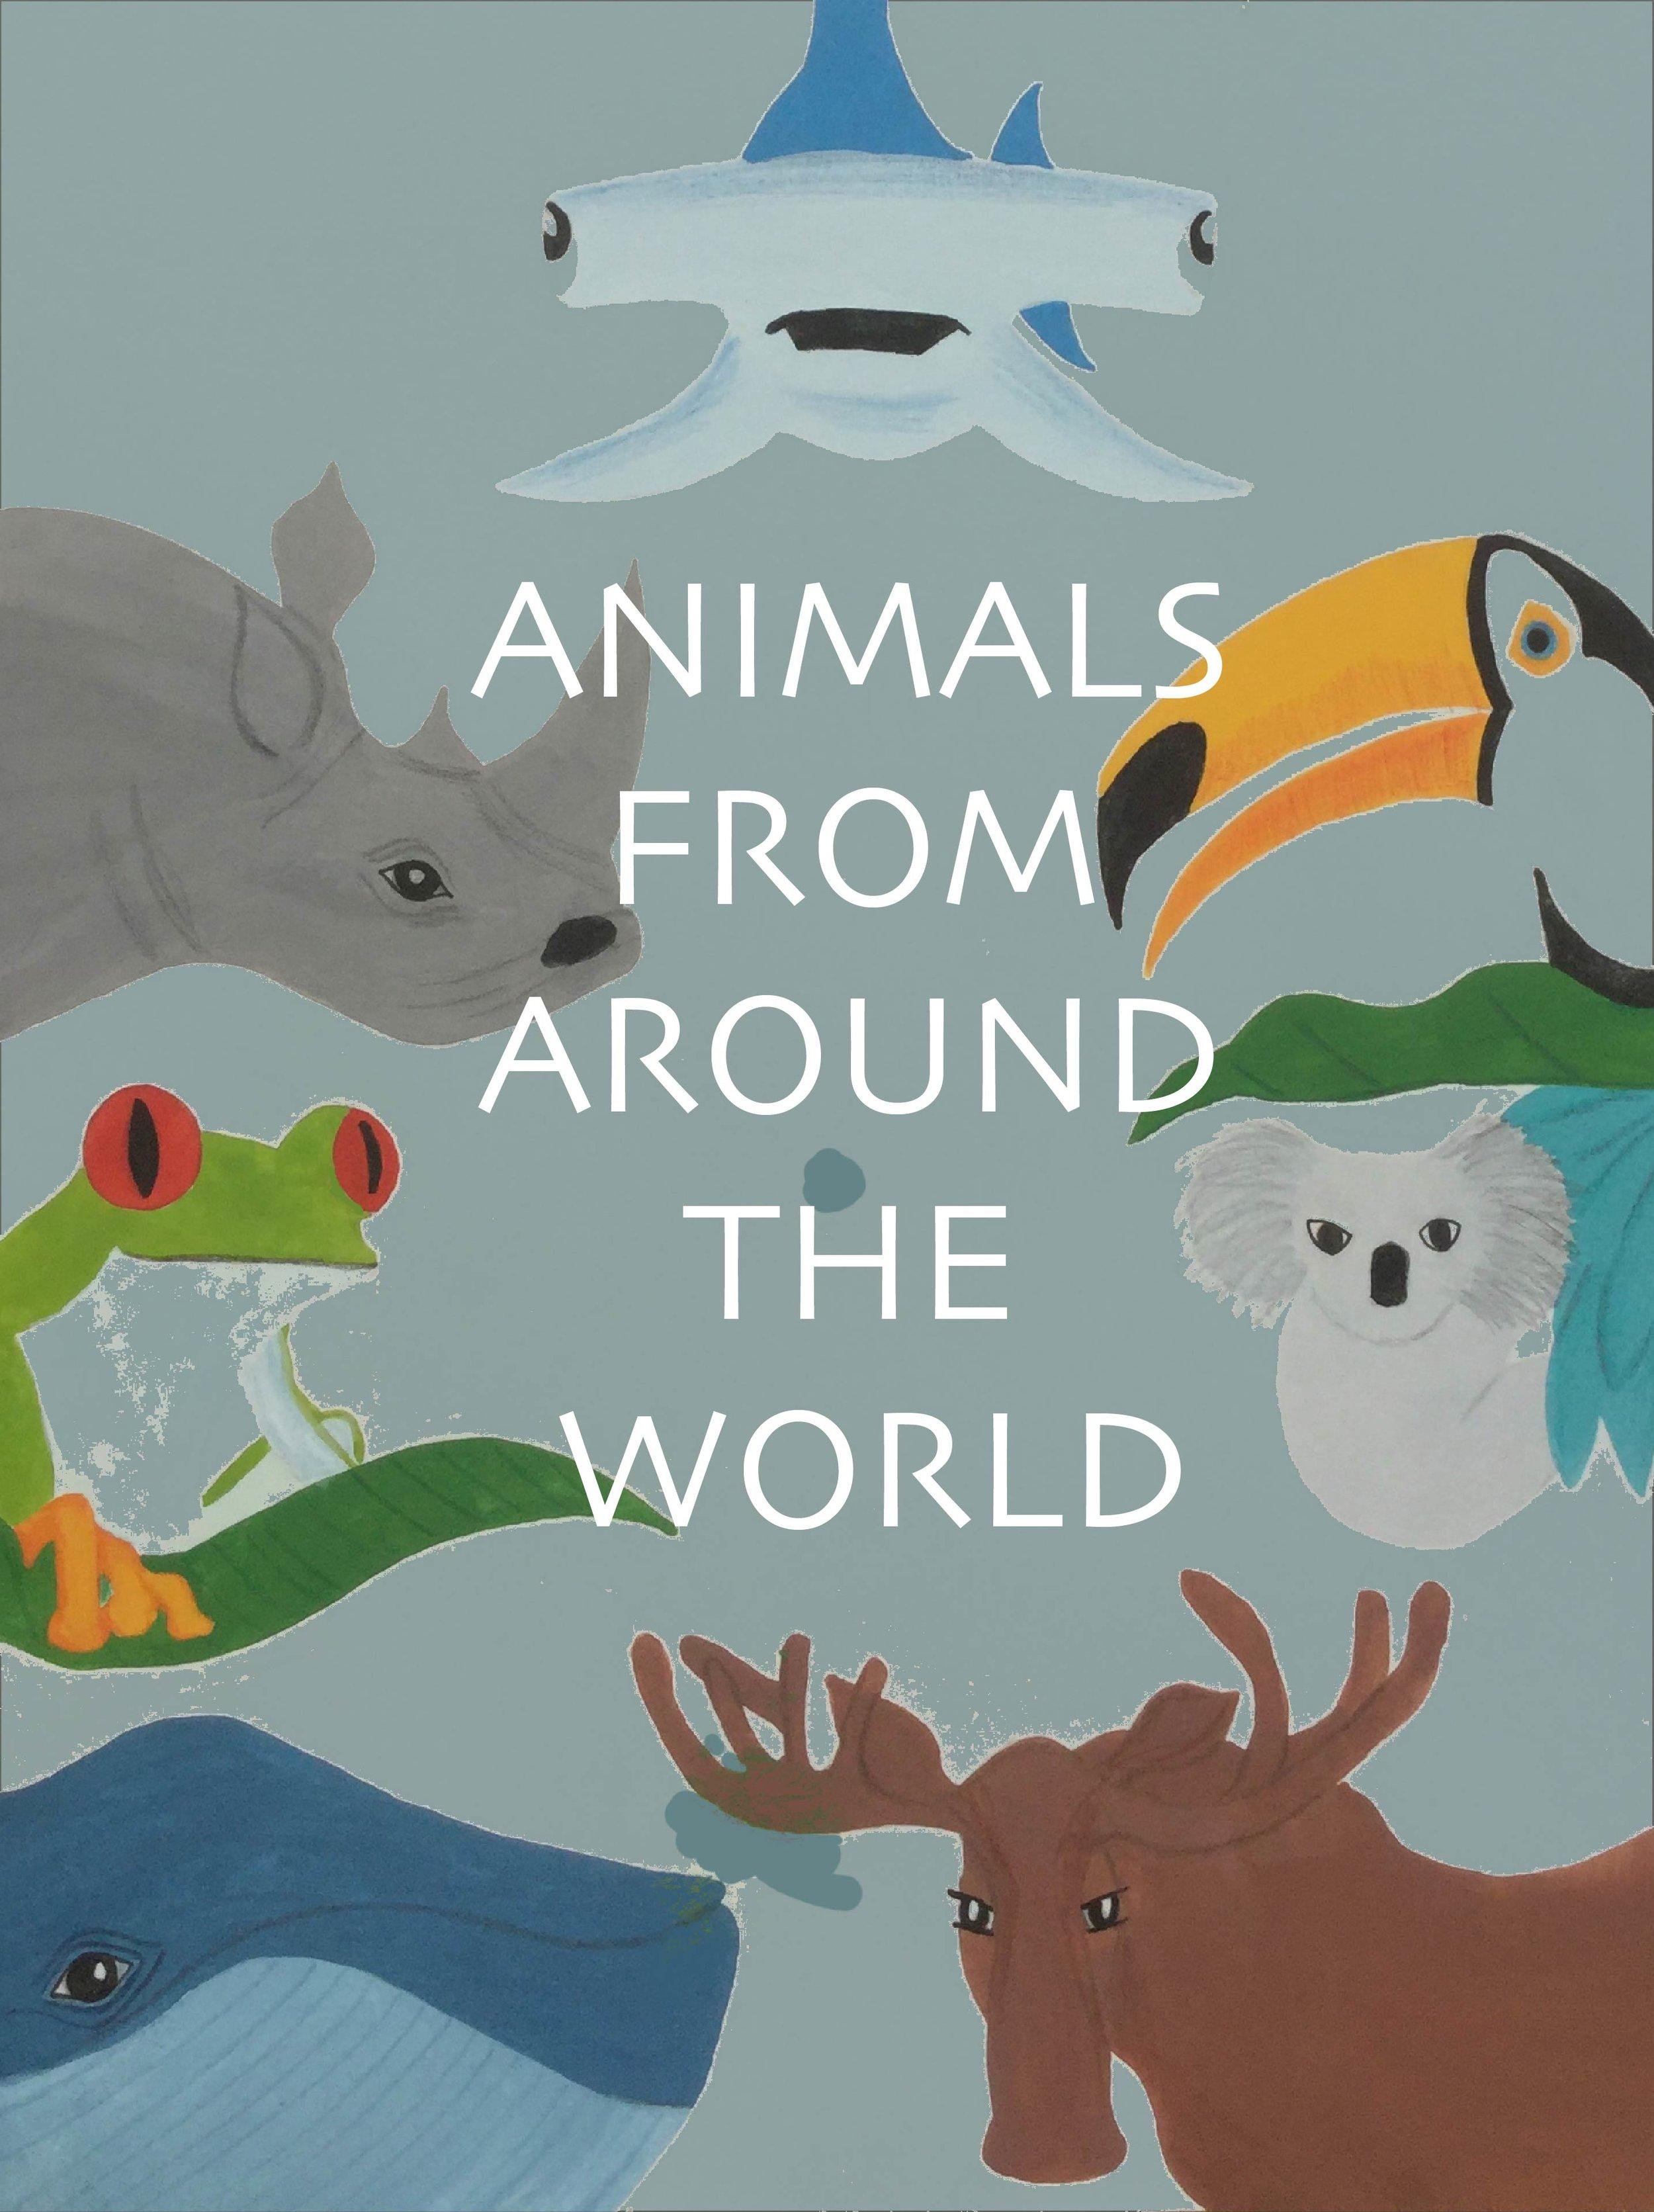 ANIMAL COVER 3-01.jpg